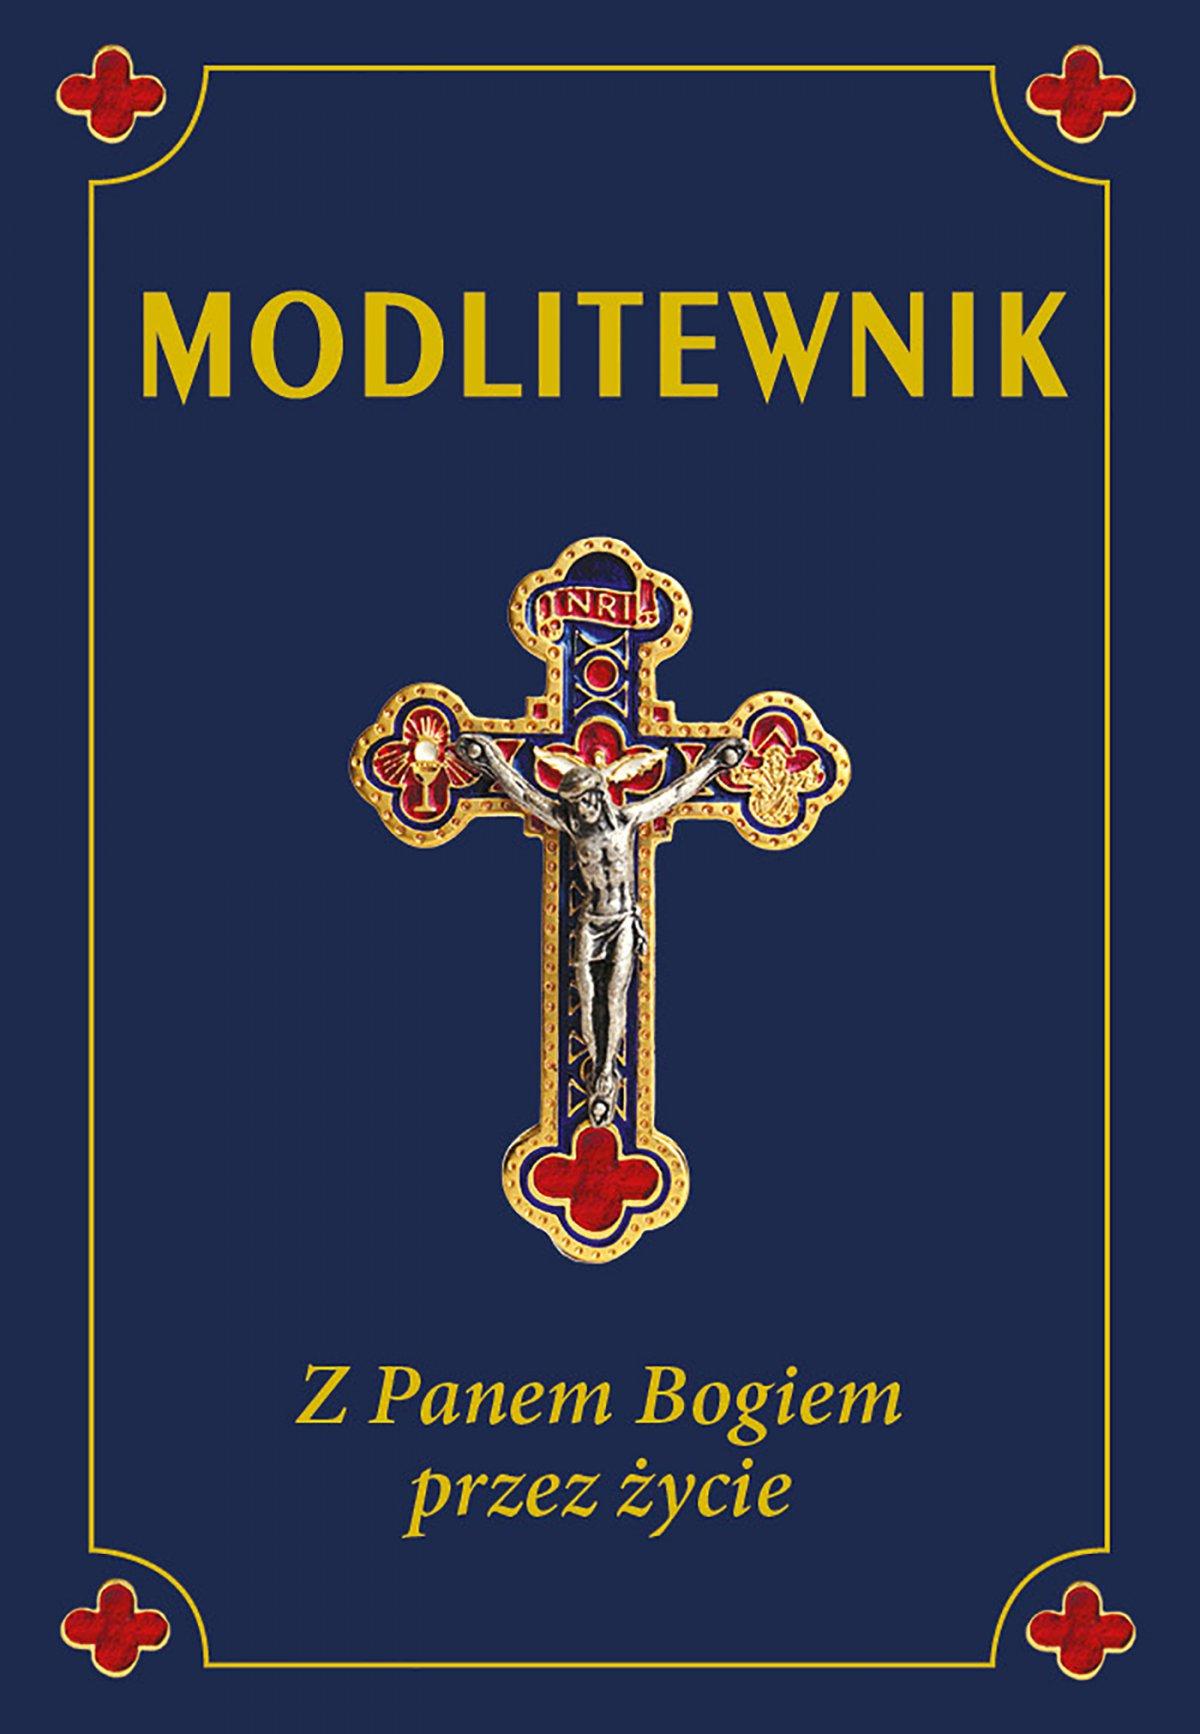 Modlitewnik. Z Panem Bogiem przez życie - Ebook (Książka na Kindle) do pobrania w formacie MOBI